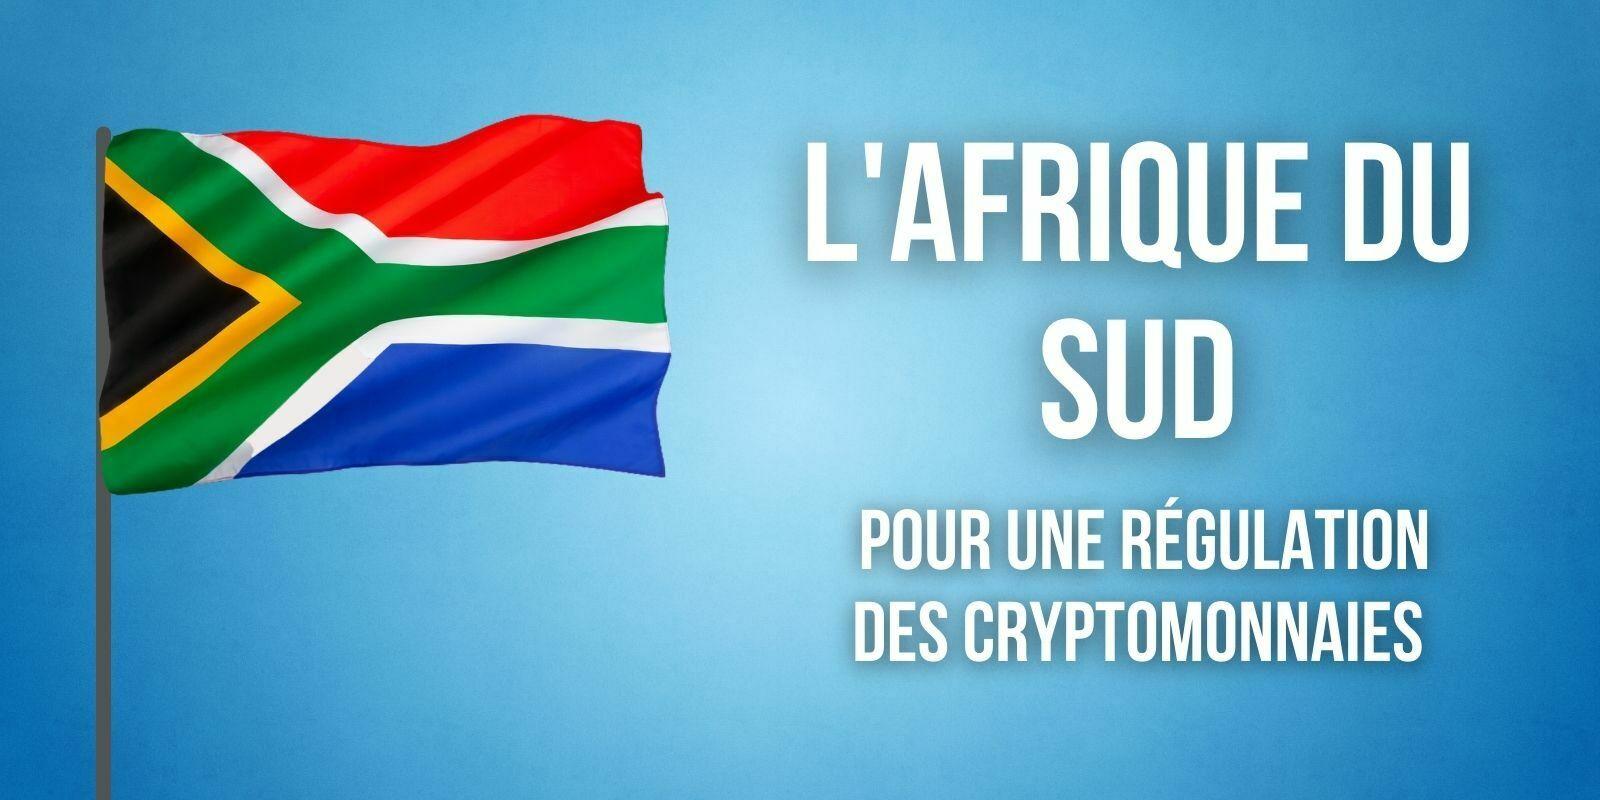 L'Afrique du Sud appelle à une réglementation progressive et structurée des cryptomonnaies